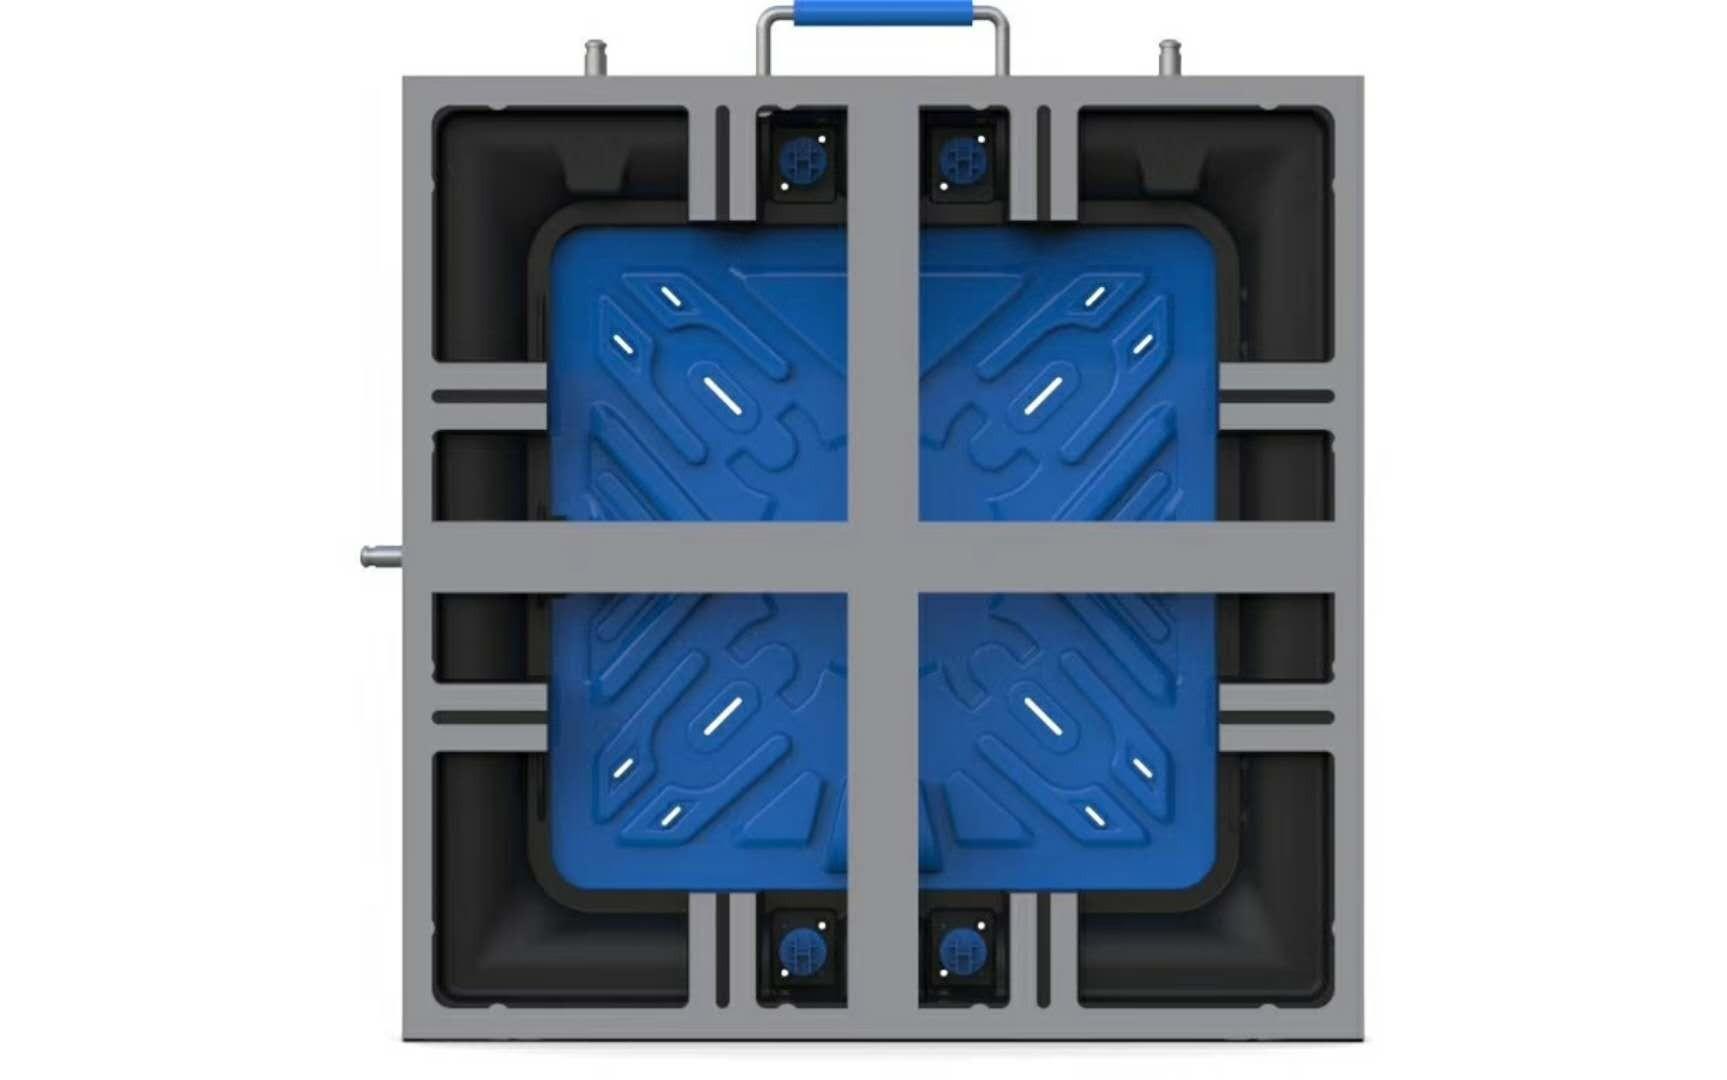 Acheter affichage intérieur LED P3,affichage intérieur LED P3 Prix,affichage intérieur LED P3 Marques,affichage intérieur LED P3 Fabricant,affichage intérieur LED P3 Quotes,affichage intérieur LED P3 Société,